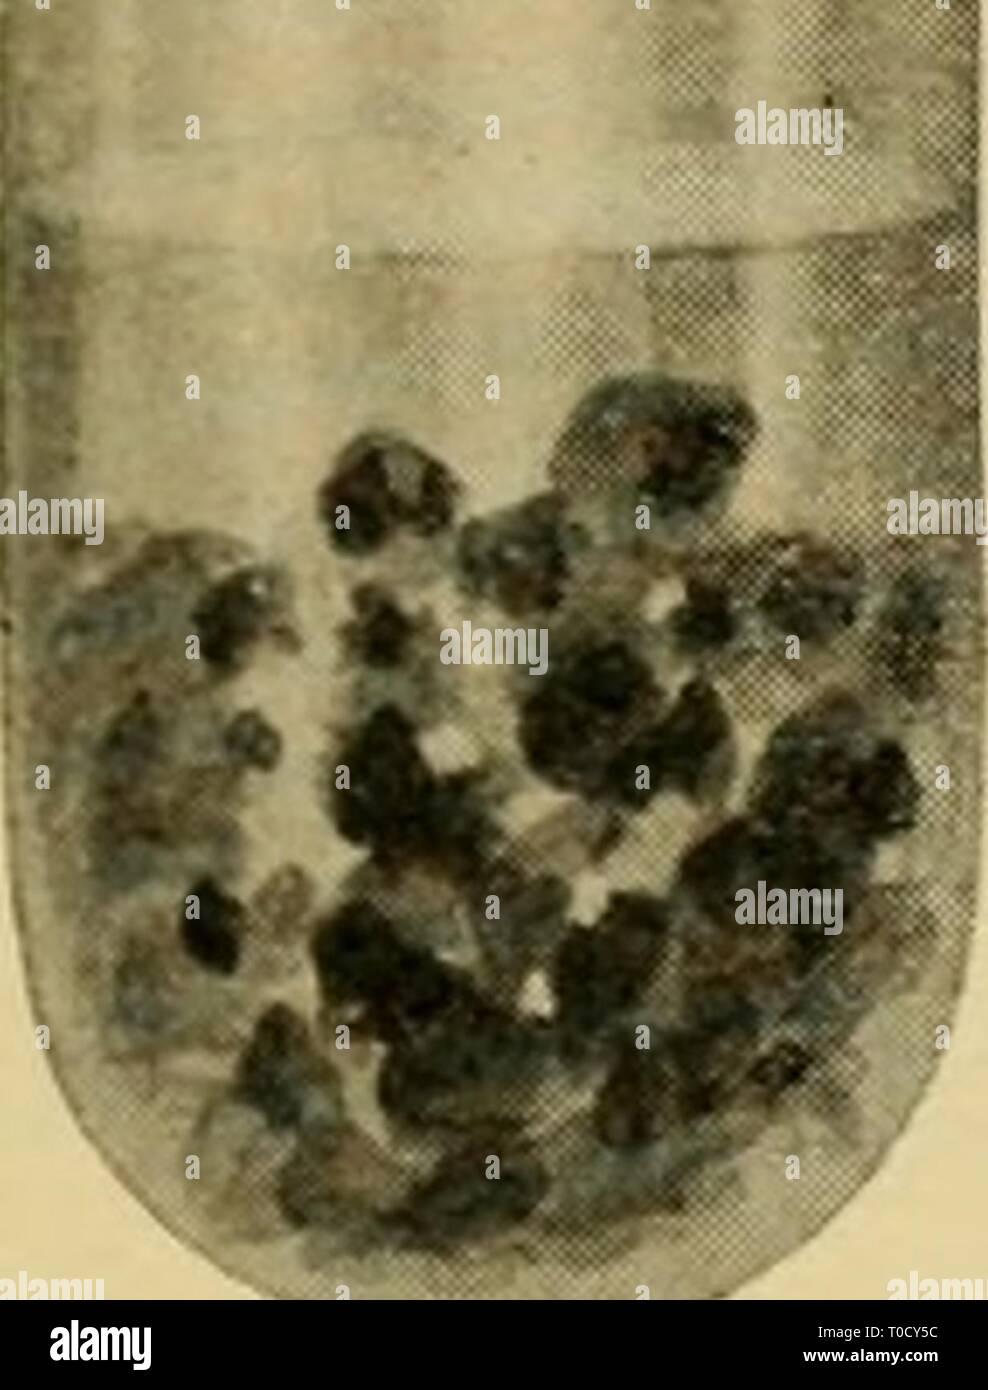 Elementary entomology (1912) - Stock Image